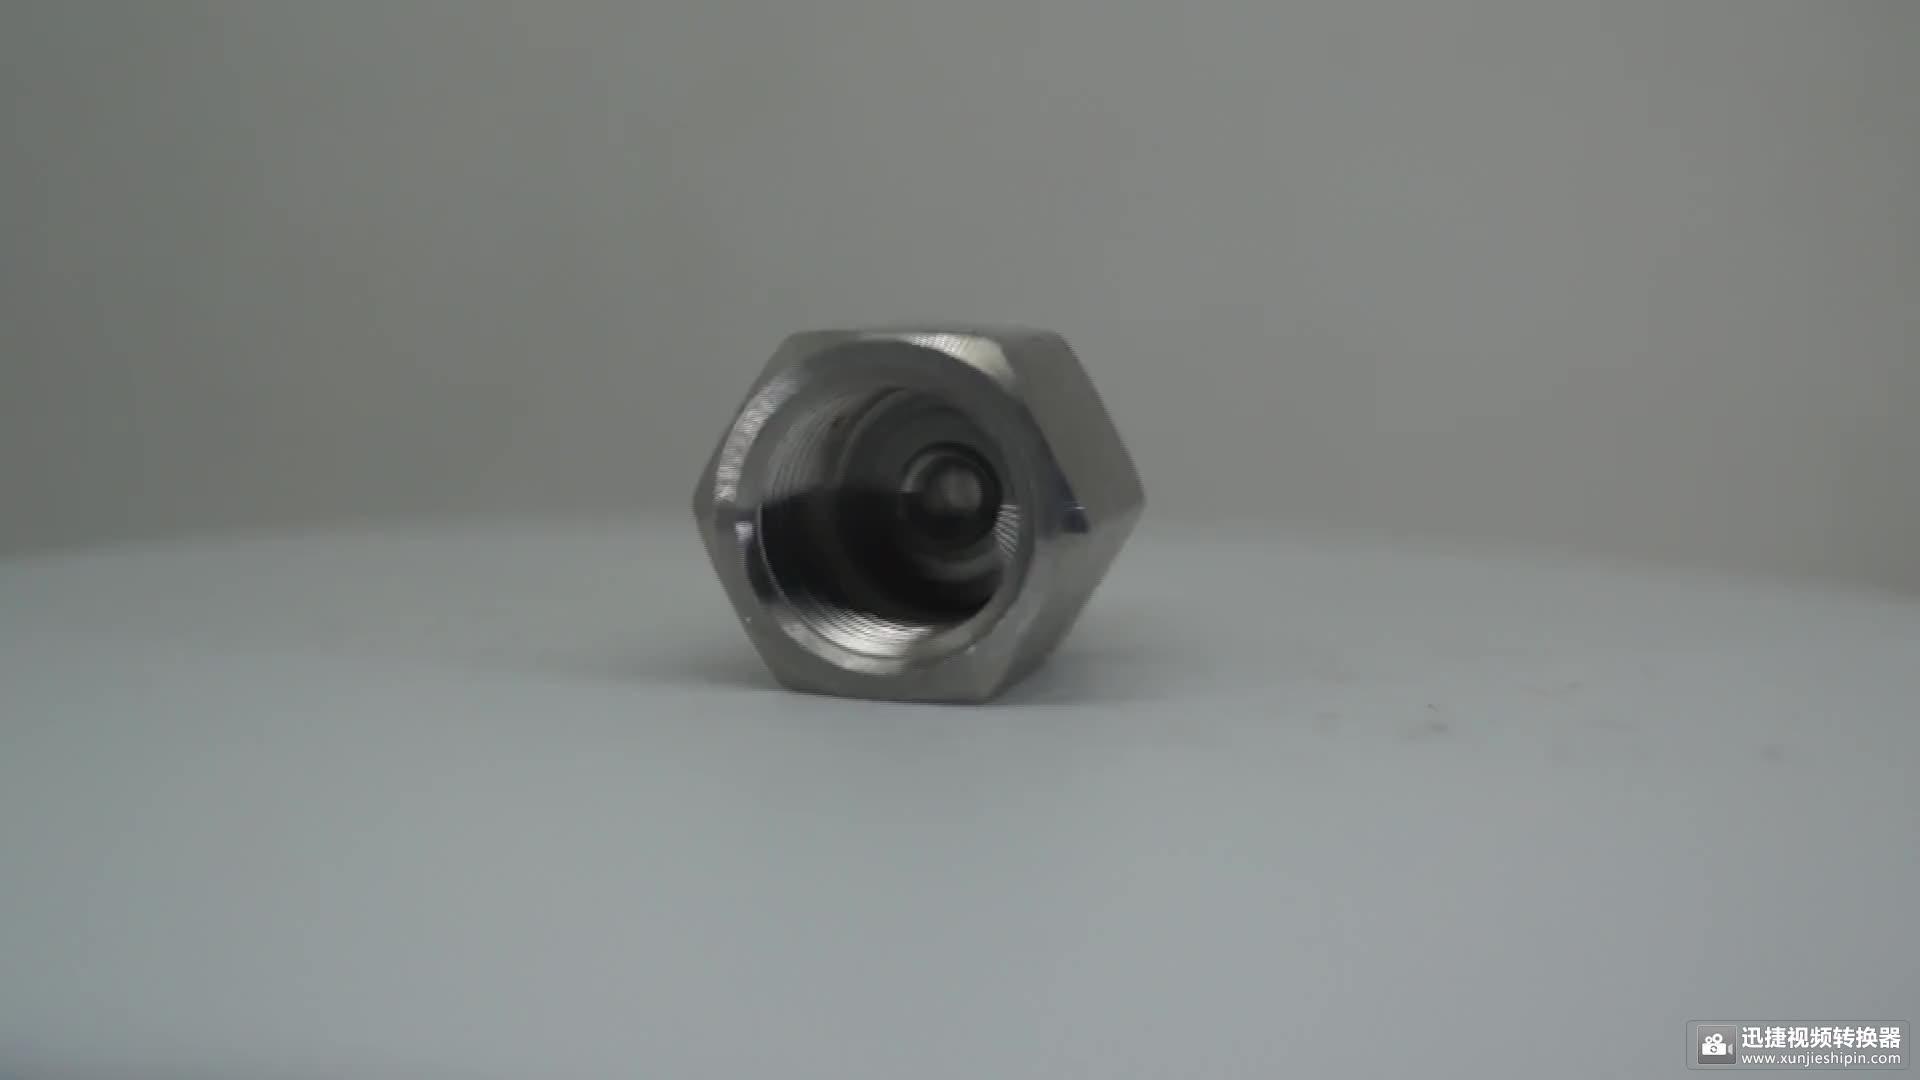 उच्च गुणवत्ता वाले स्टेनलेस स्टील 304 हाइड्रोलिक नली फिटिंग